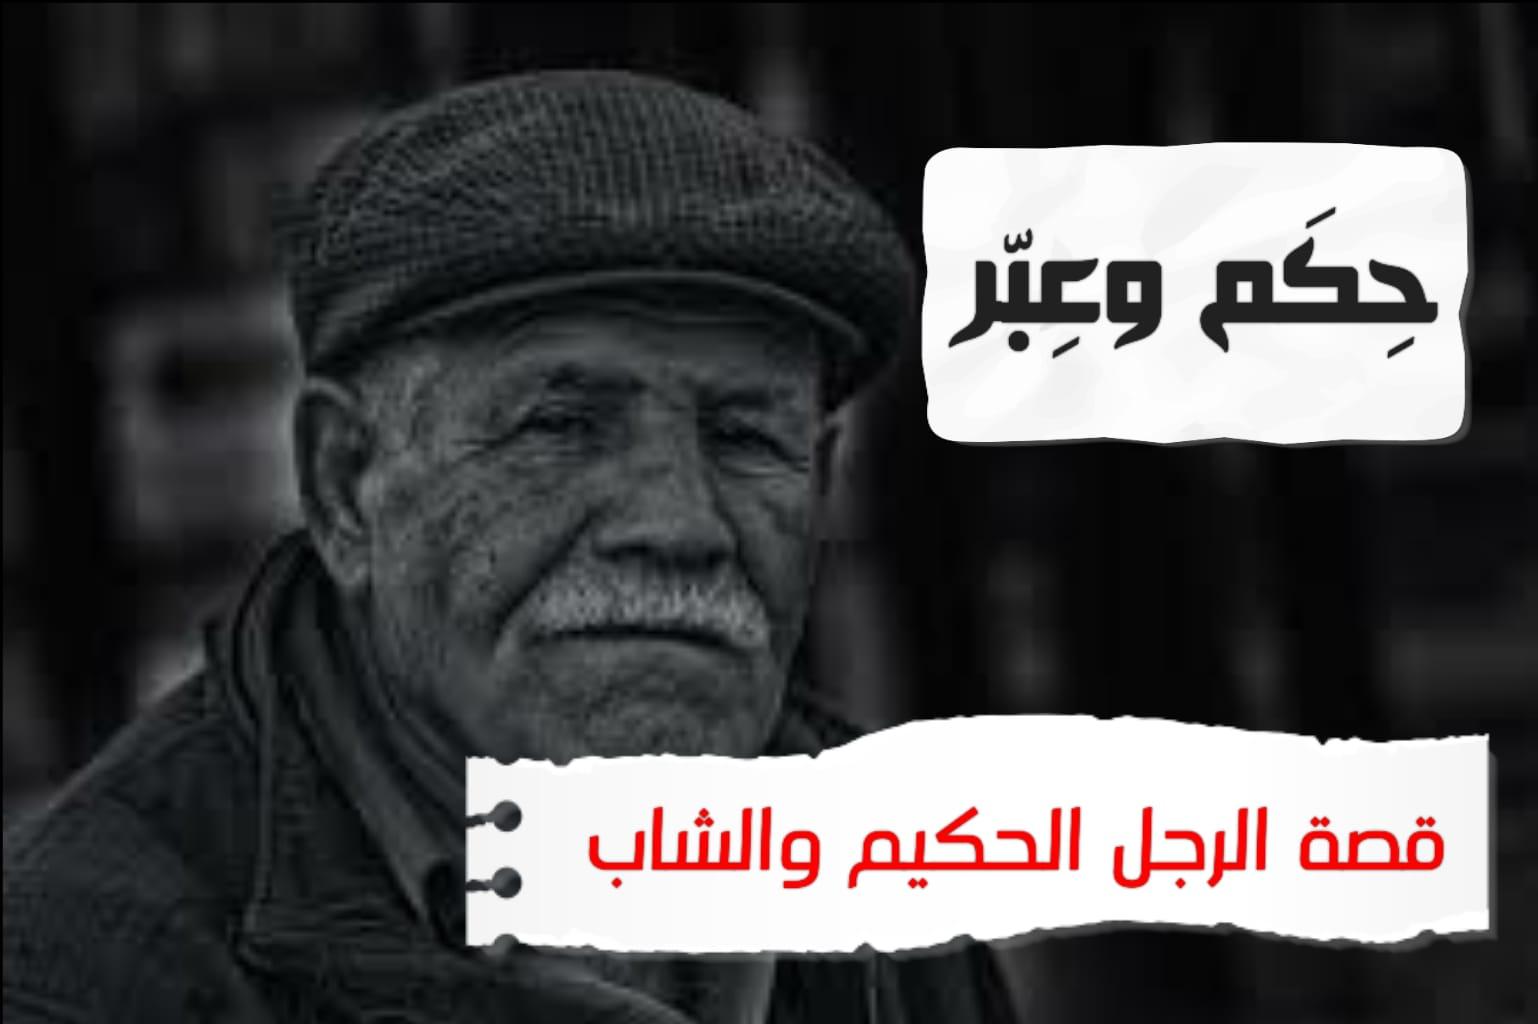 WhatsApp Image 2020 06 21 at 3.09.35 AM - الرجل العجوز وإبنه الشاب-قصة العجوز الحكيم